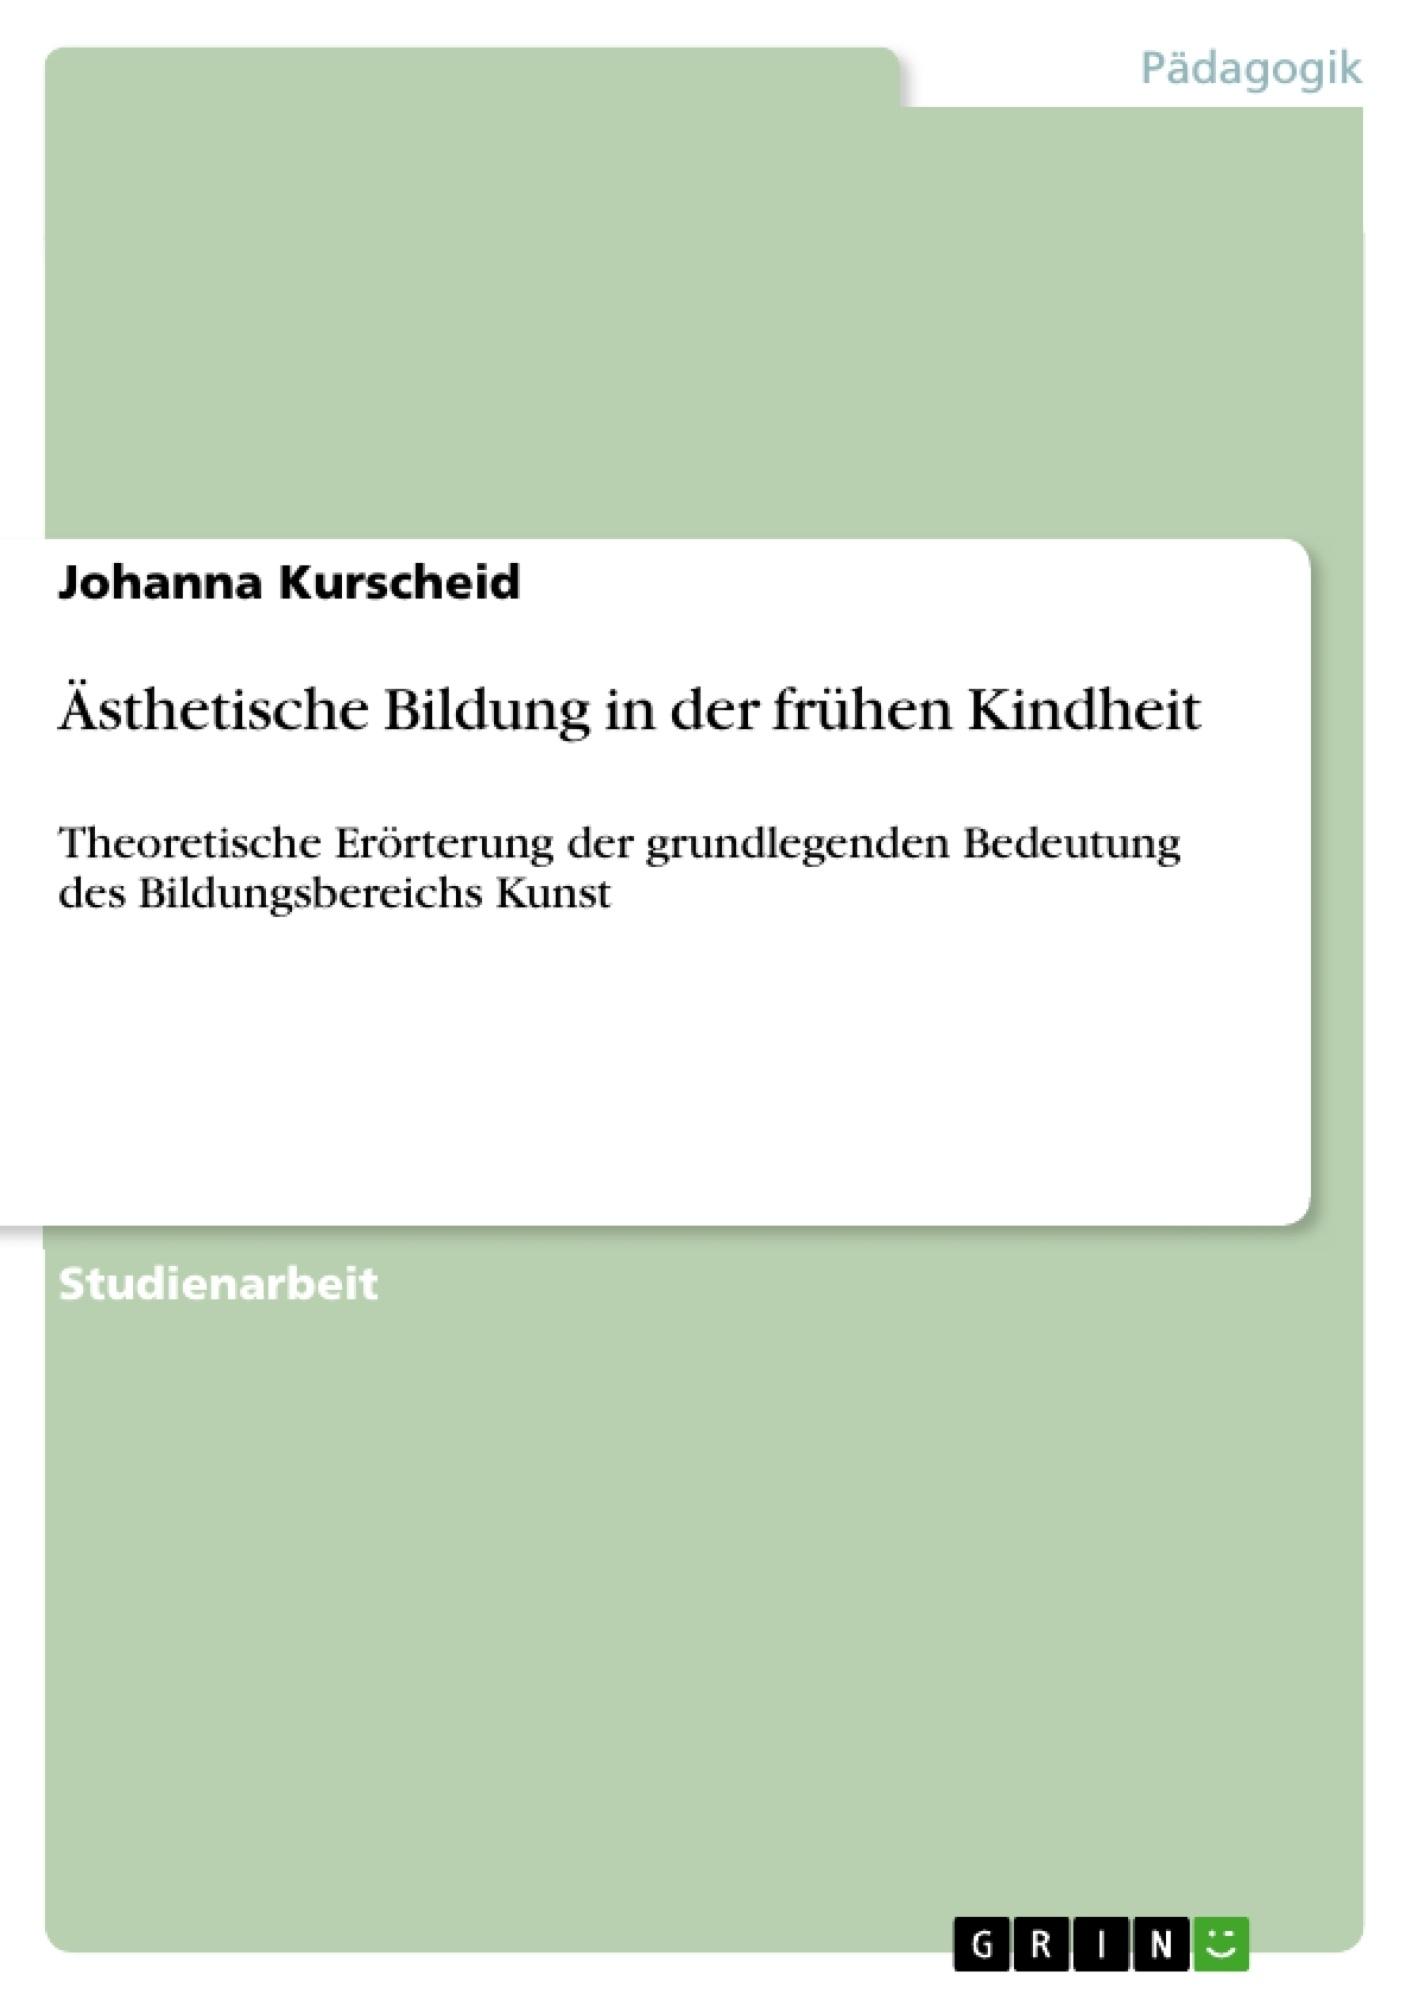 Titel: Ästhetische Bildung in der frühen Kindheit